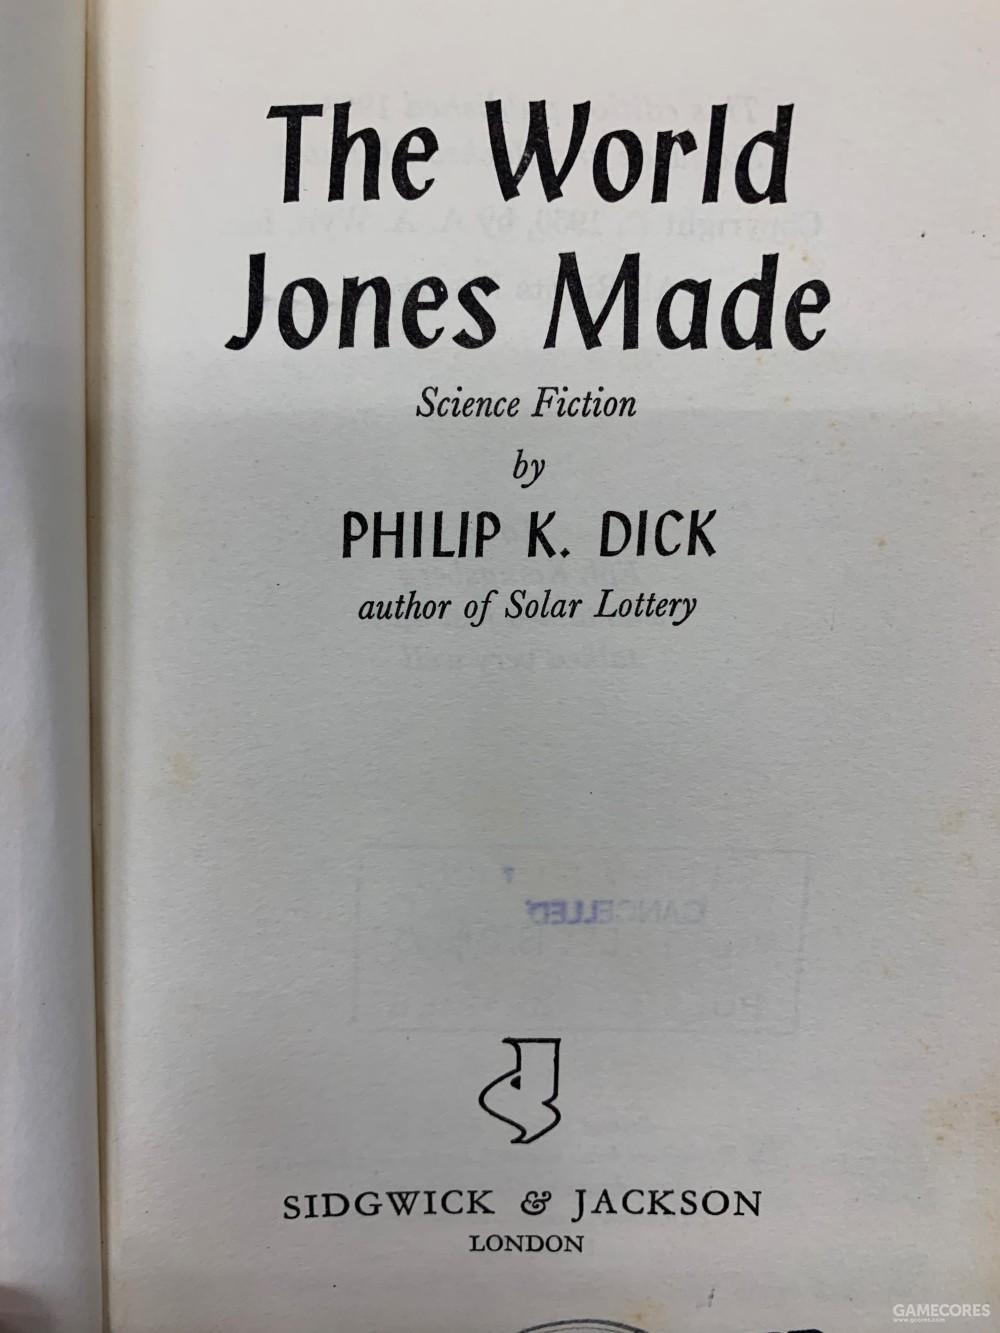 扉页上强调是《太阳系大乐透》的作者,可见大乐透在早期的影响力